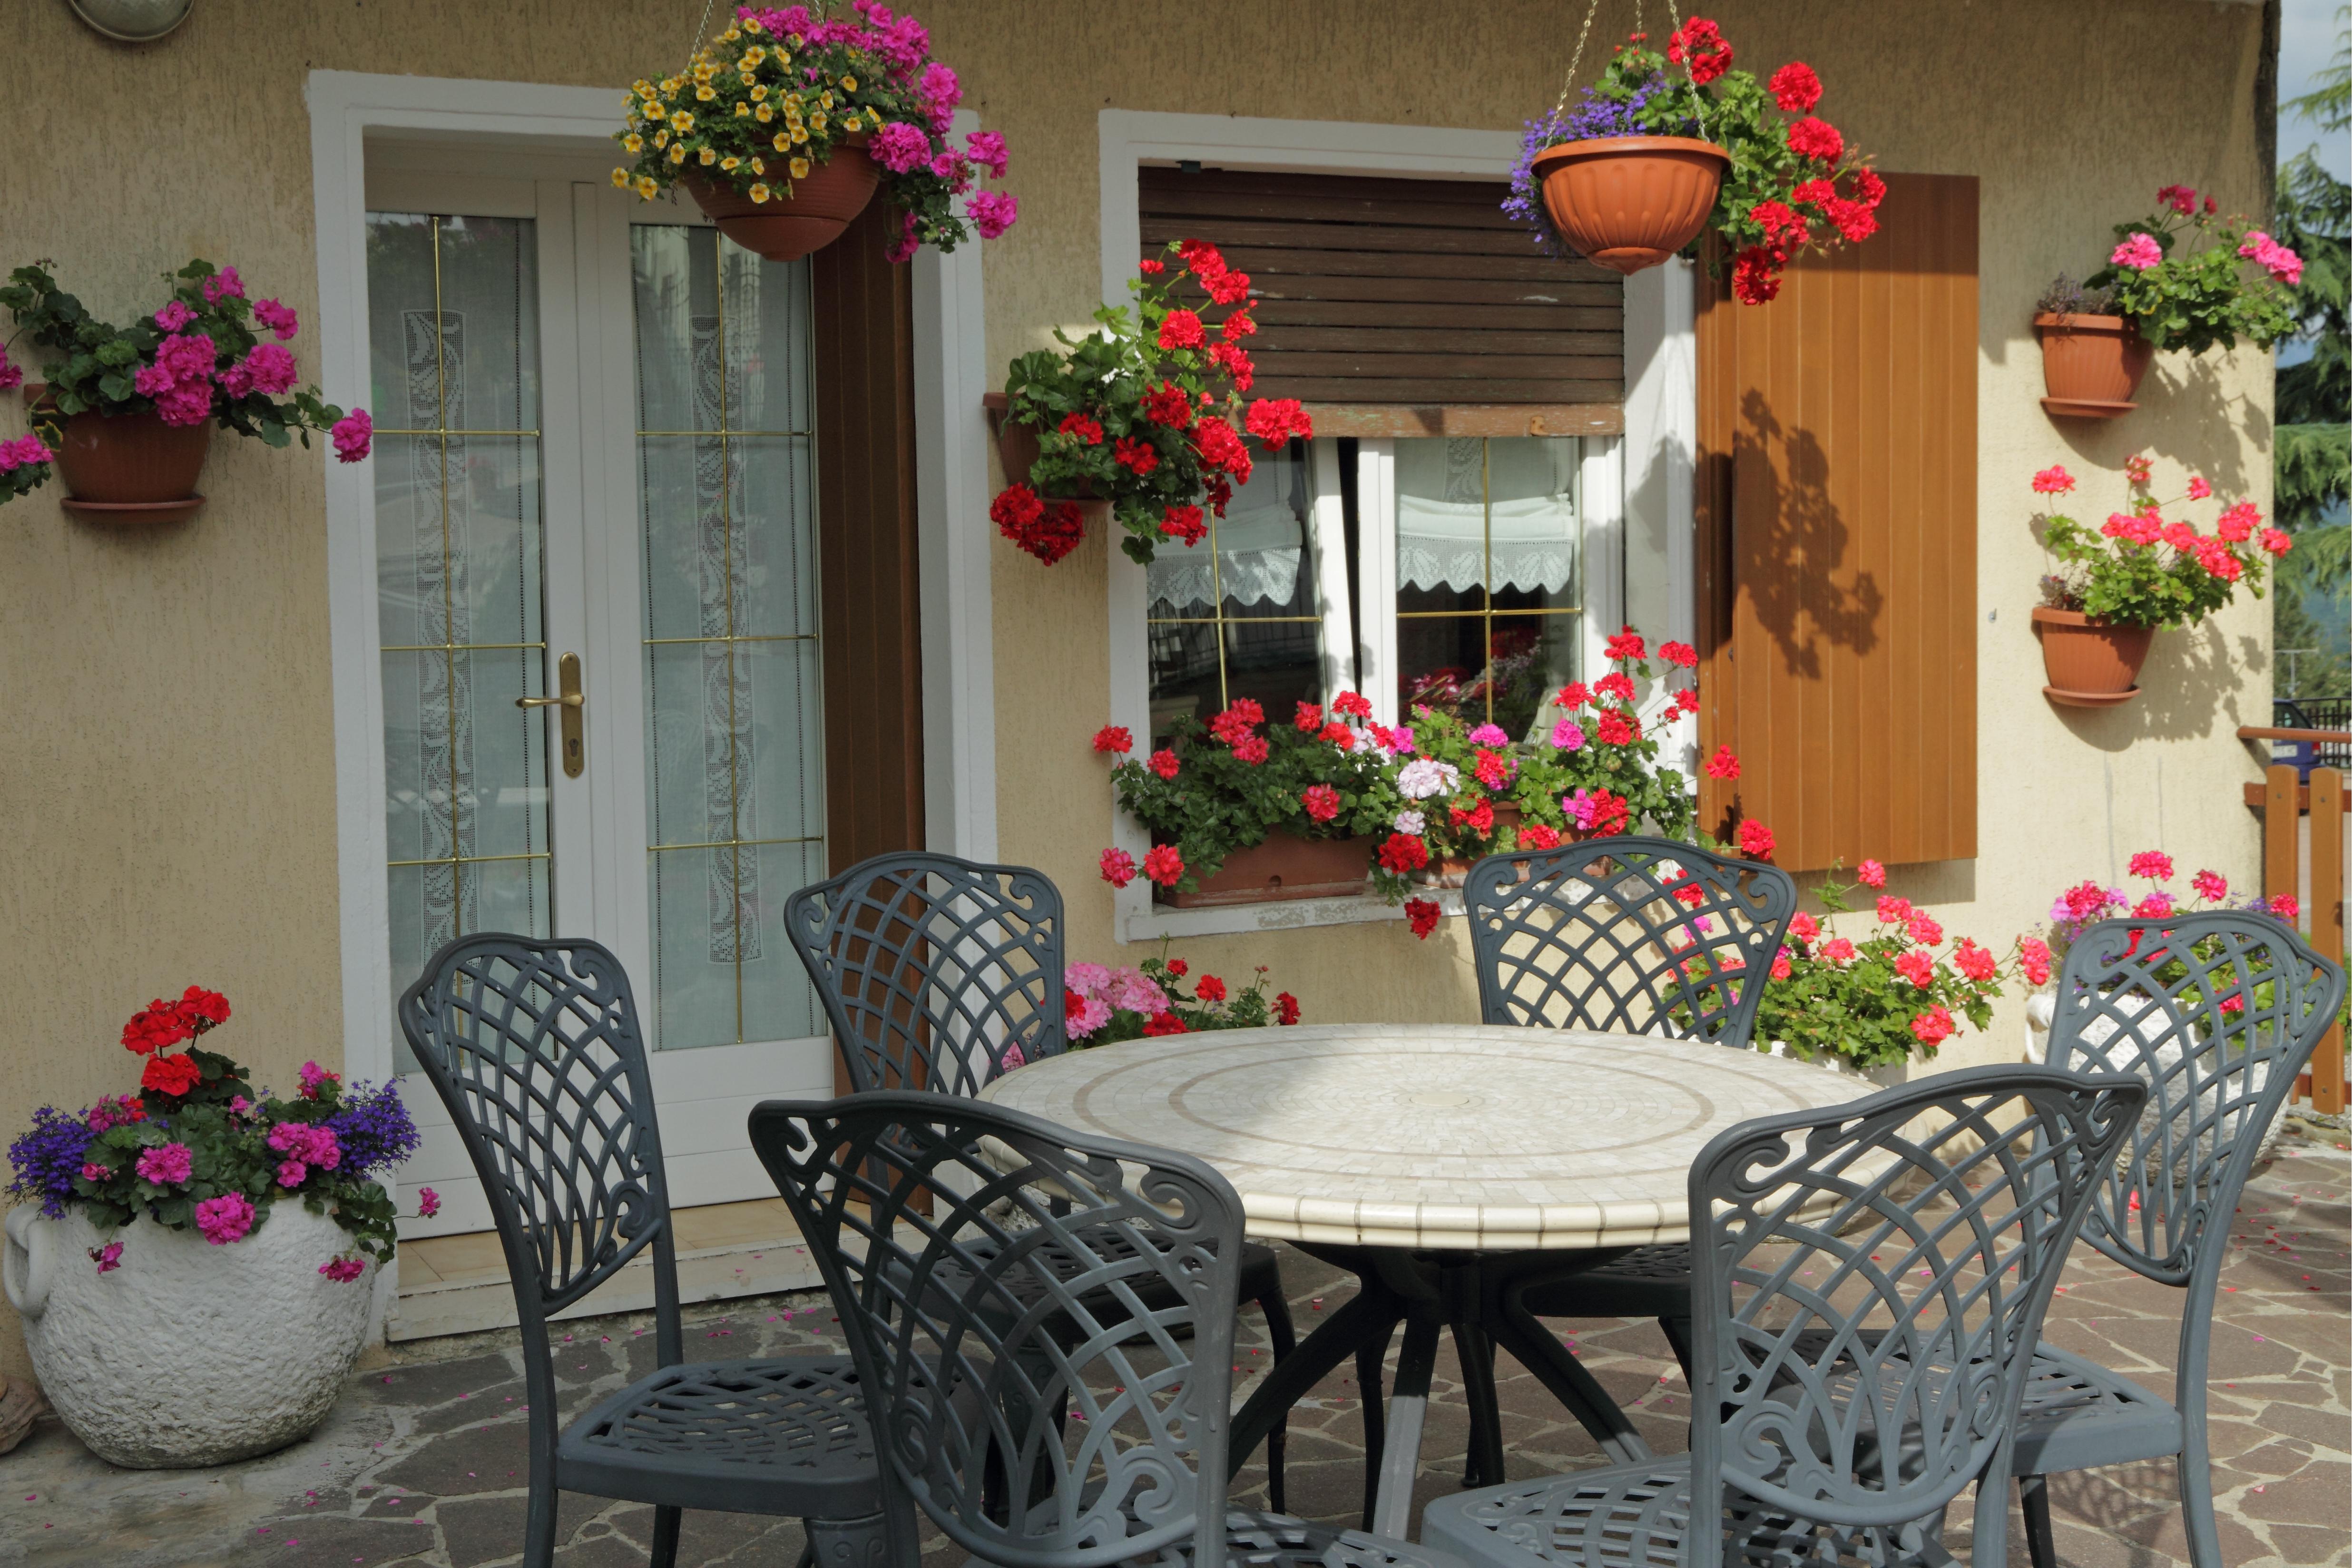 В зоне отдыха можно разместить растения с яркими цветами и приятным тонким ароматом